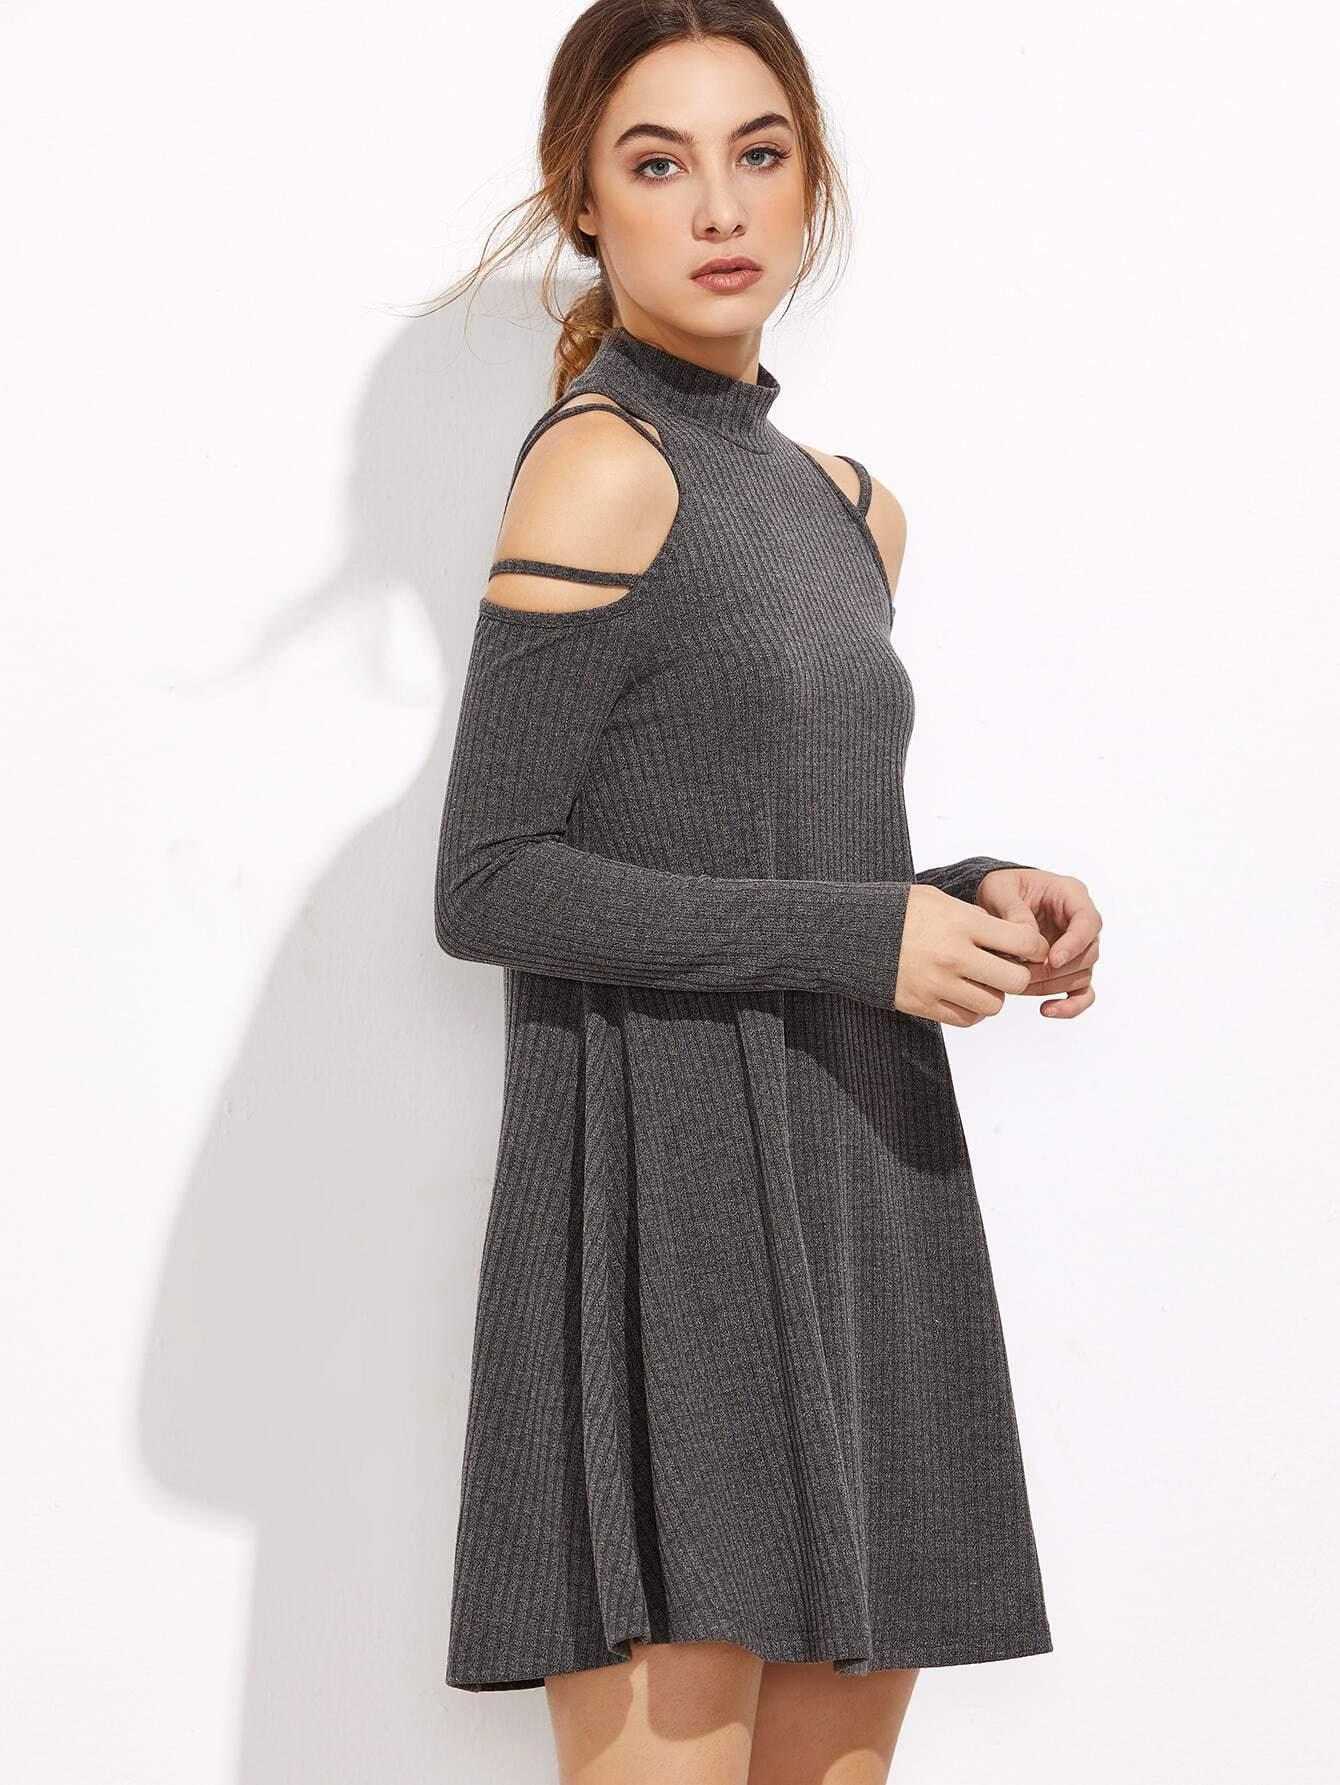 dress161101704_2